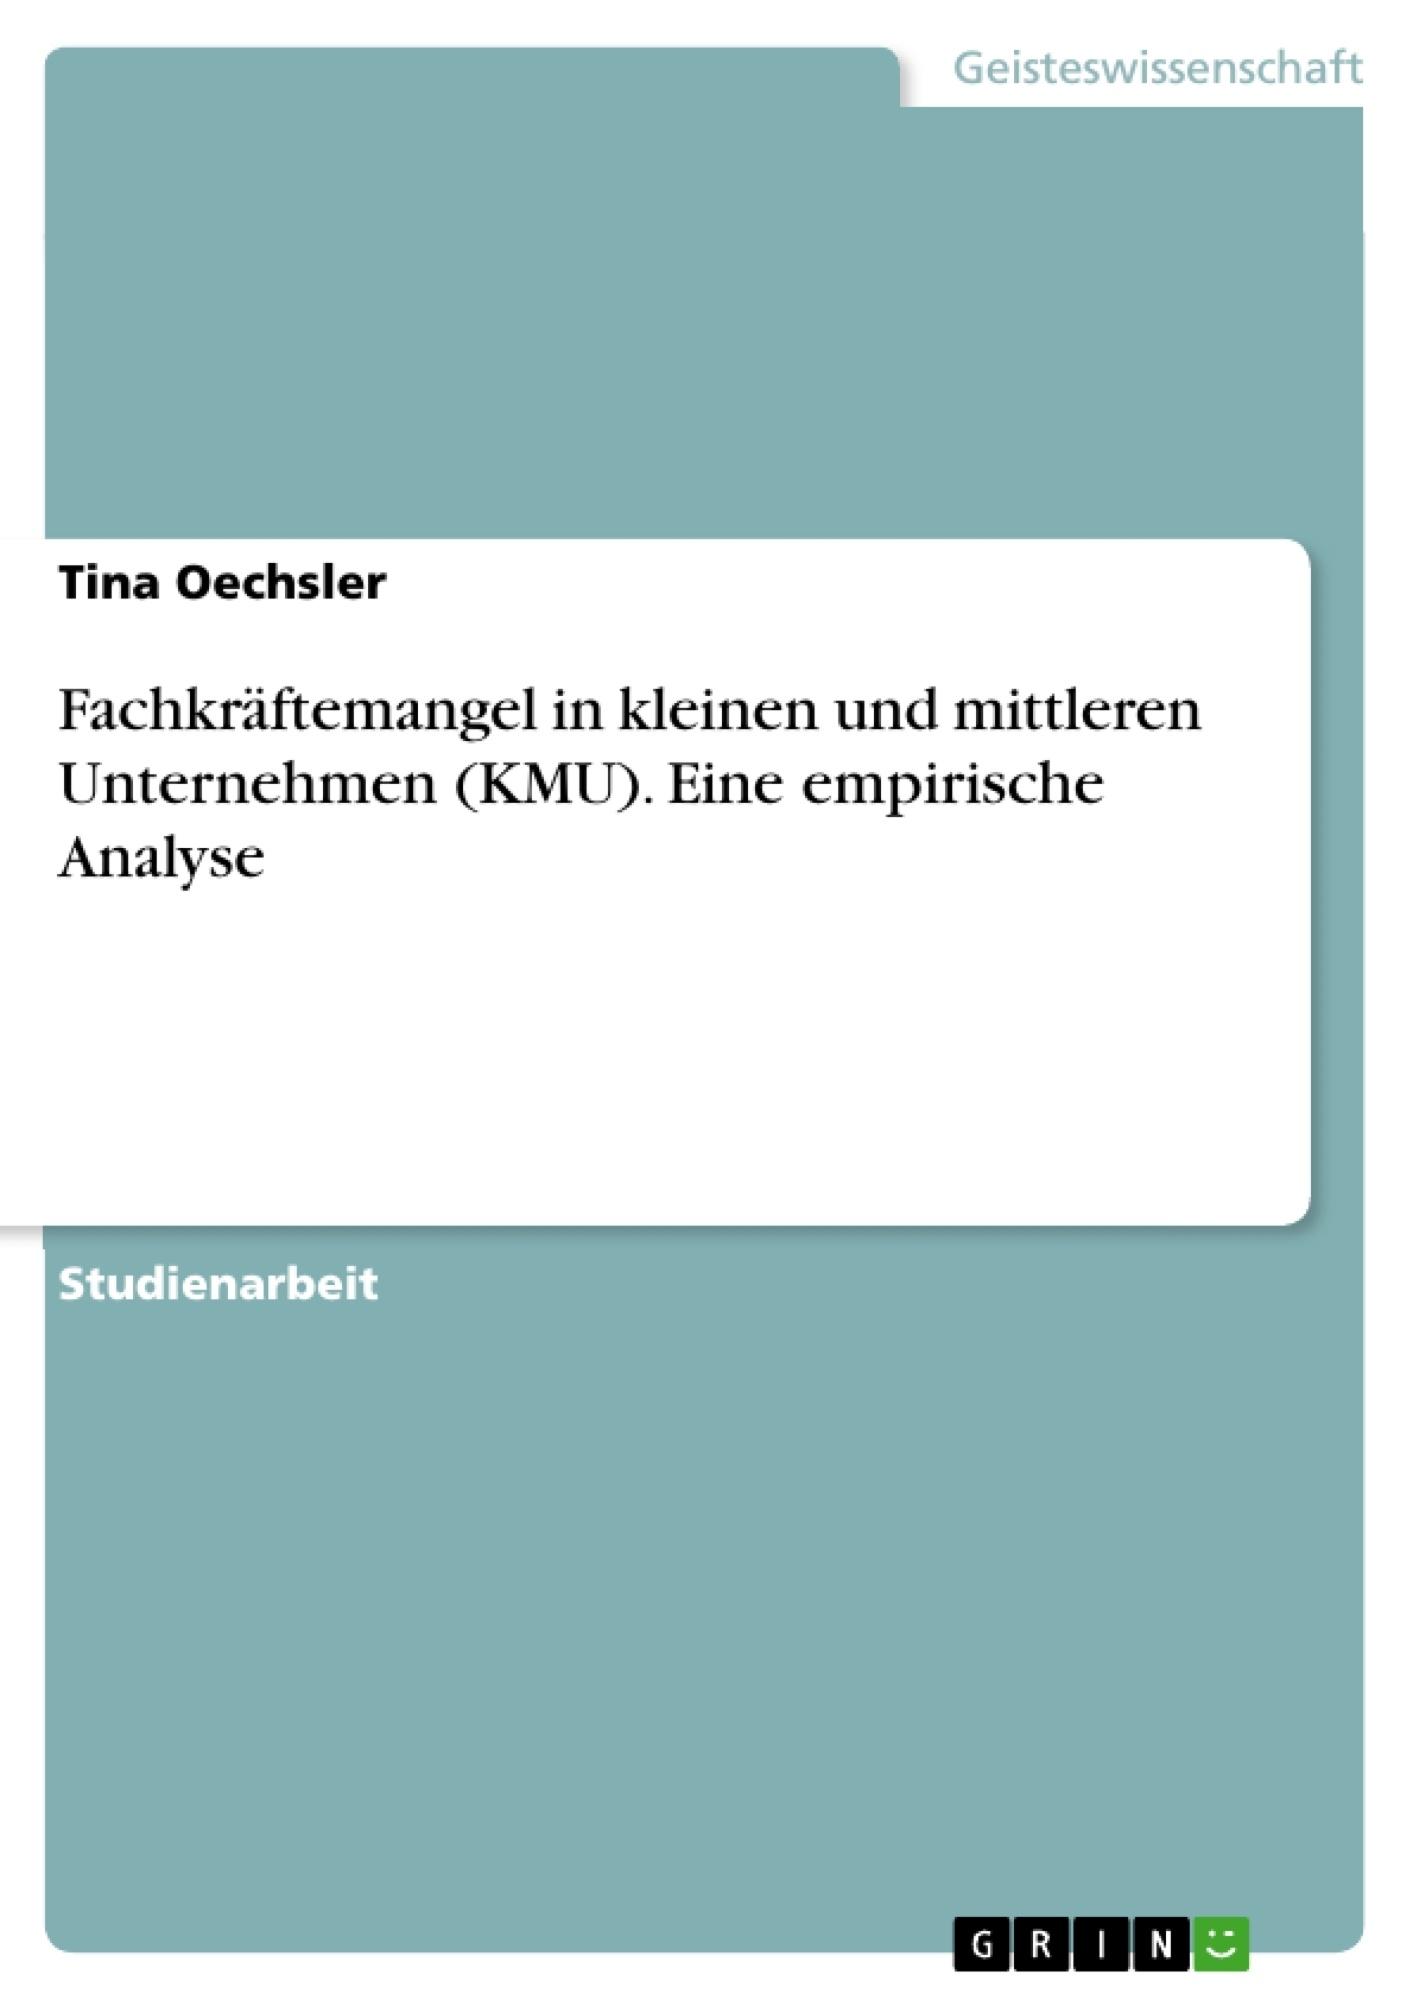 Titel: Fachkräftemangel in kleinen und mittleren Unternehmen (KMU). Eine empirische Analyse